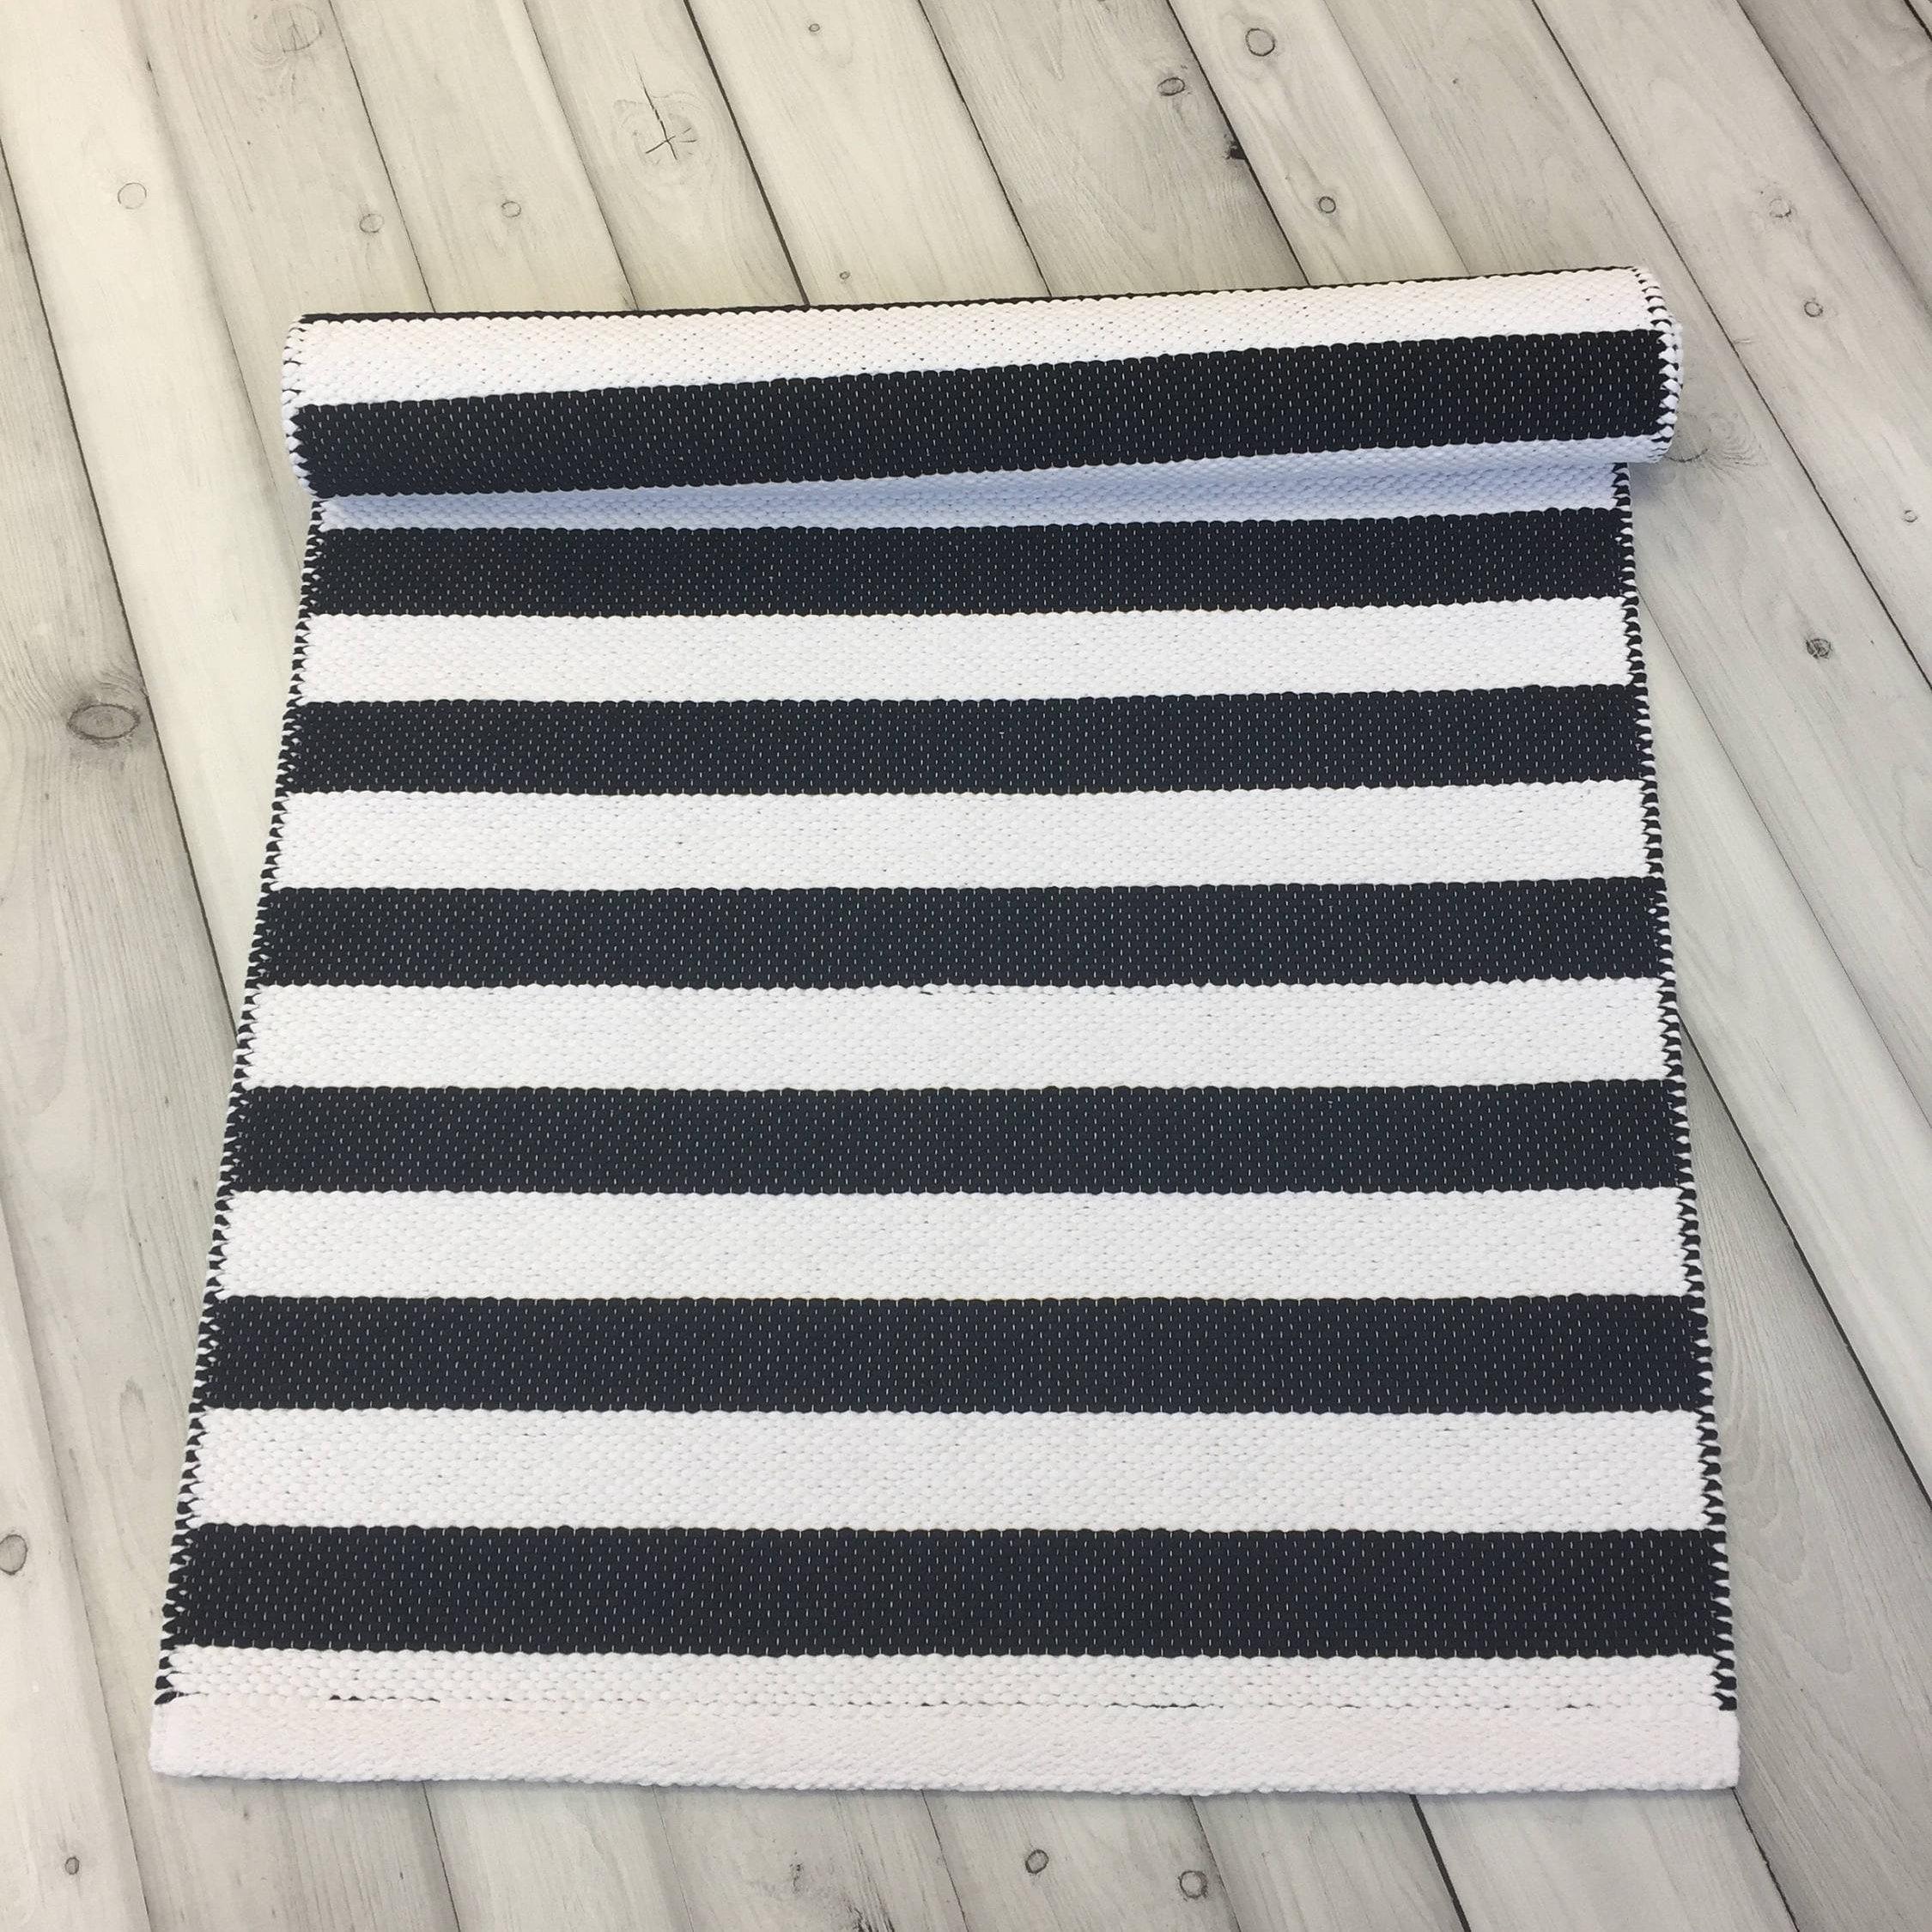 Black Kitchen Floor Runner: Black And White Striped Rug Floor Runner Rug Scandinavian